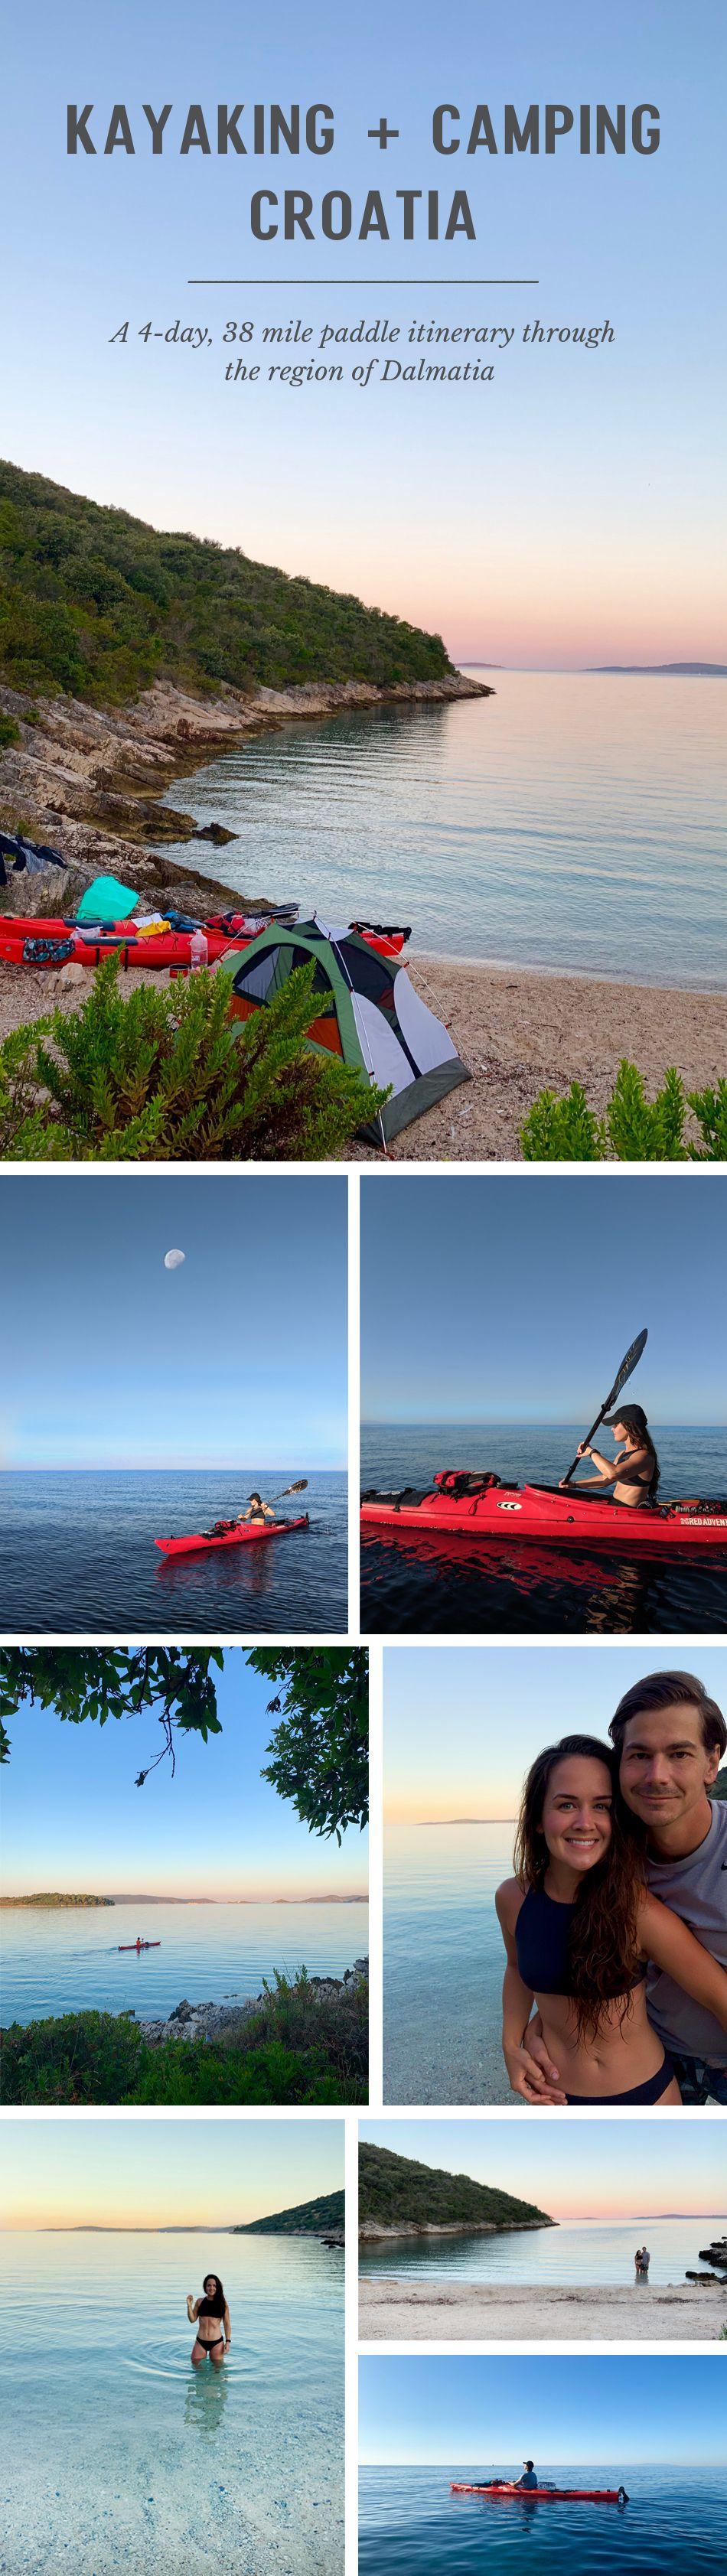 Kayaking and Camping Croatia